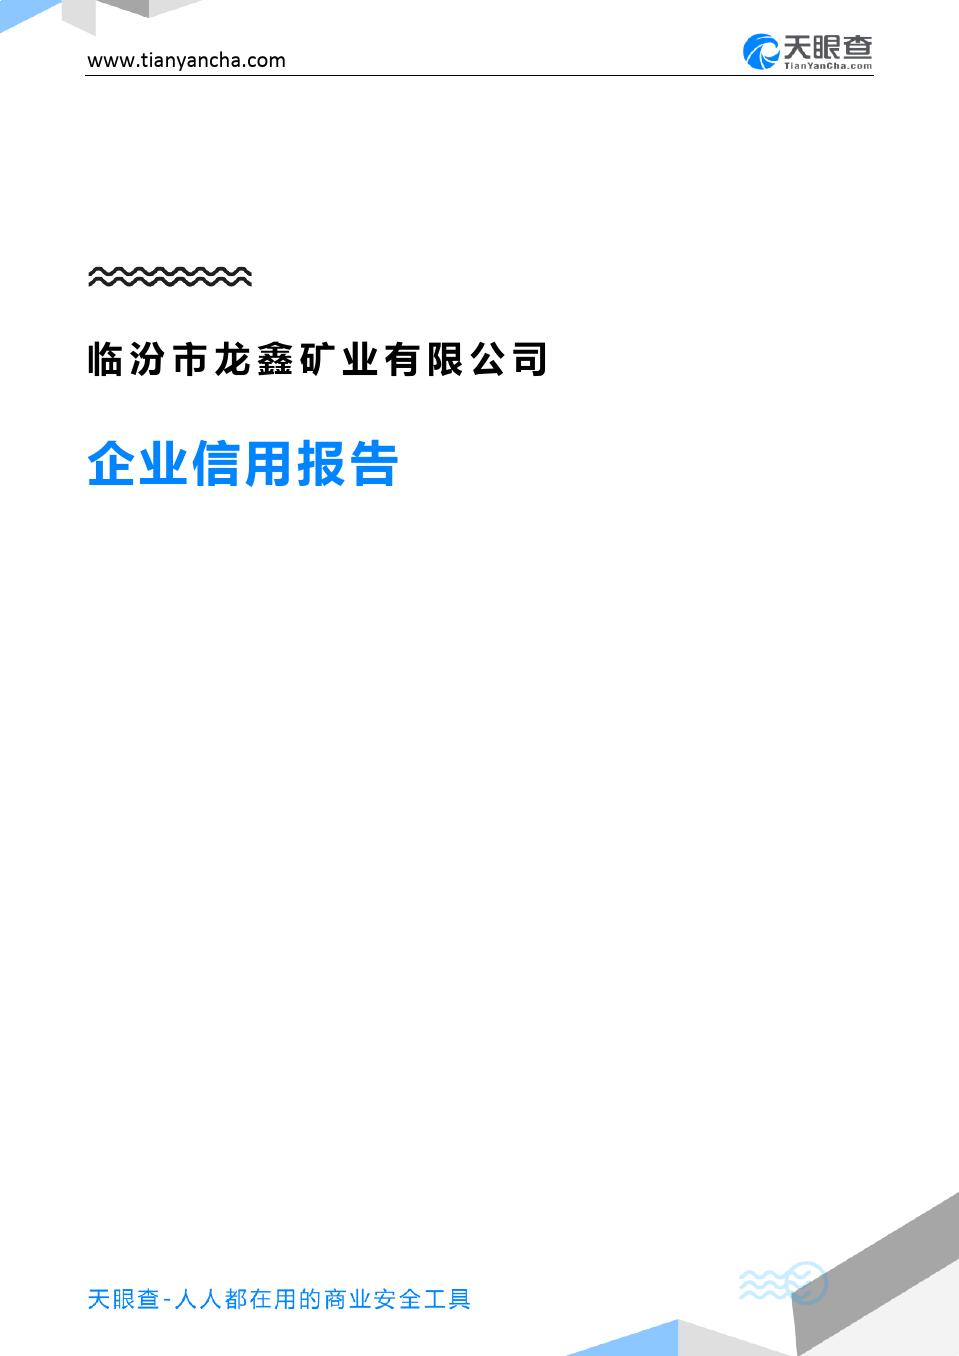 临汾市龙鑫矿业有限公司(企业信用报告)- 天眼查